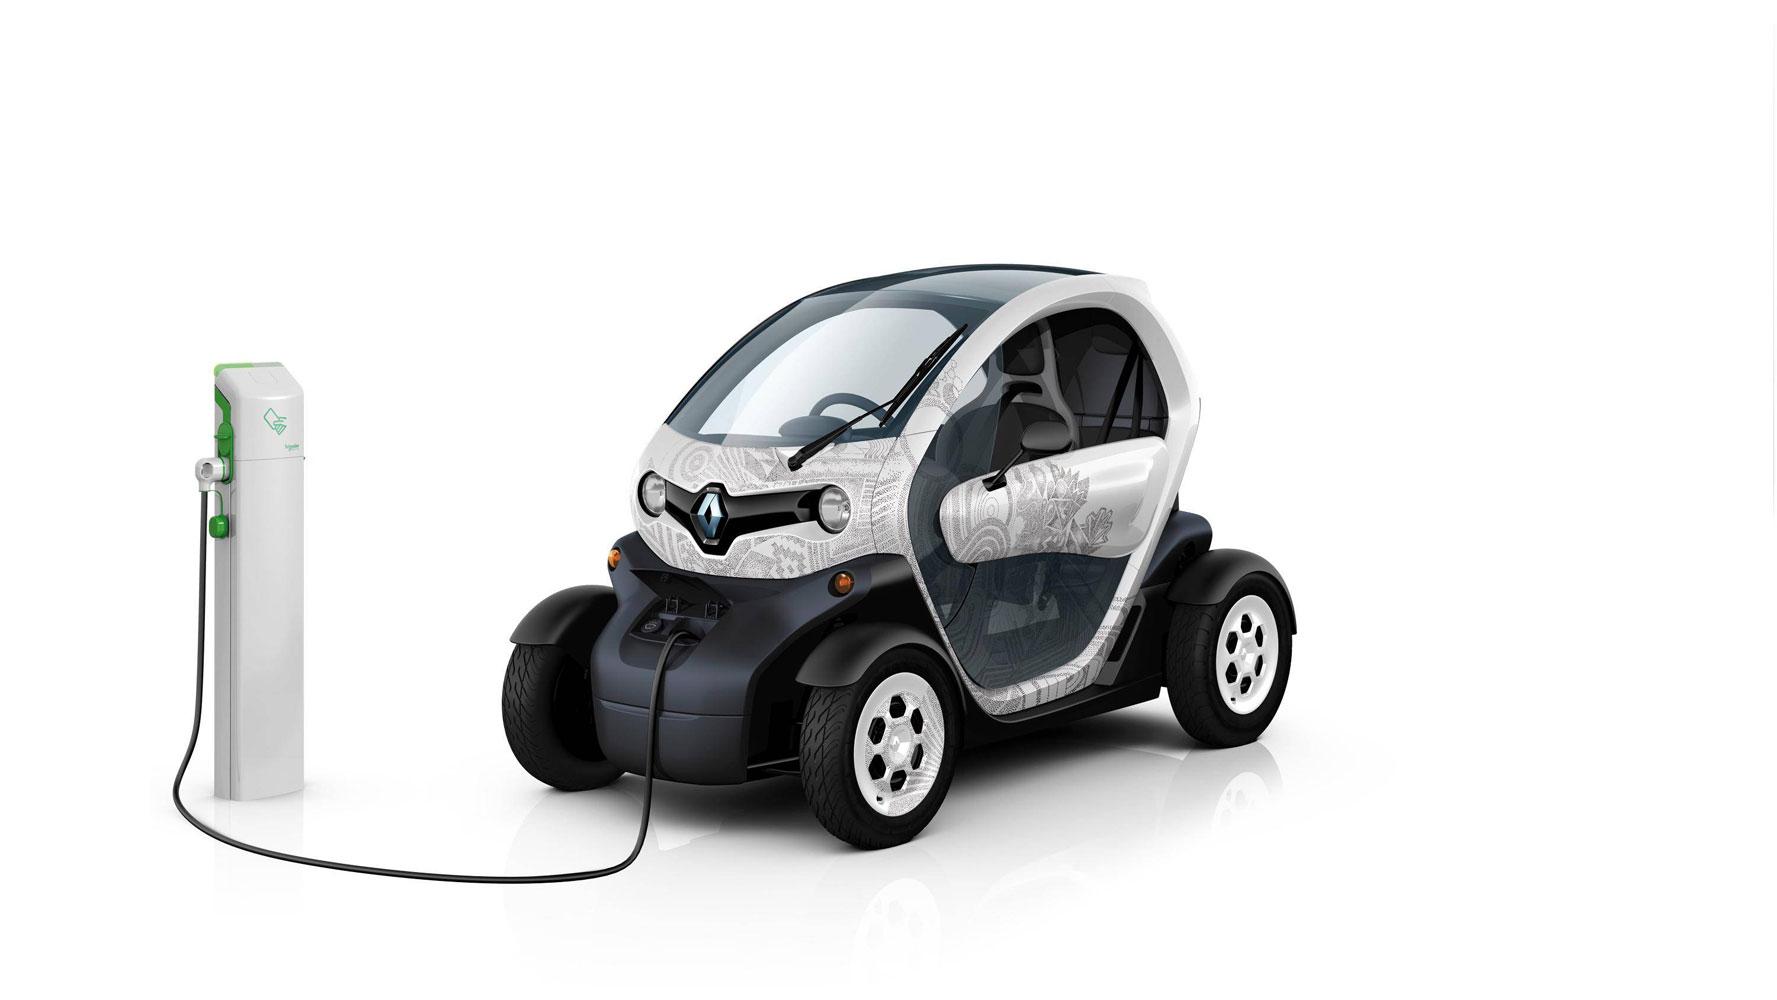 Cargo Variante des Renault Twizy in 2013?